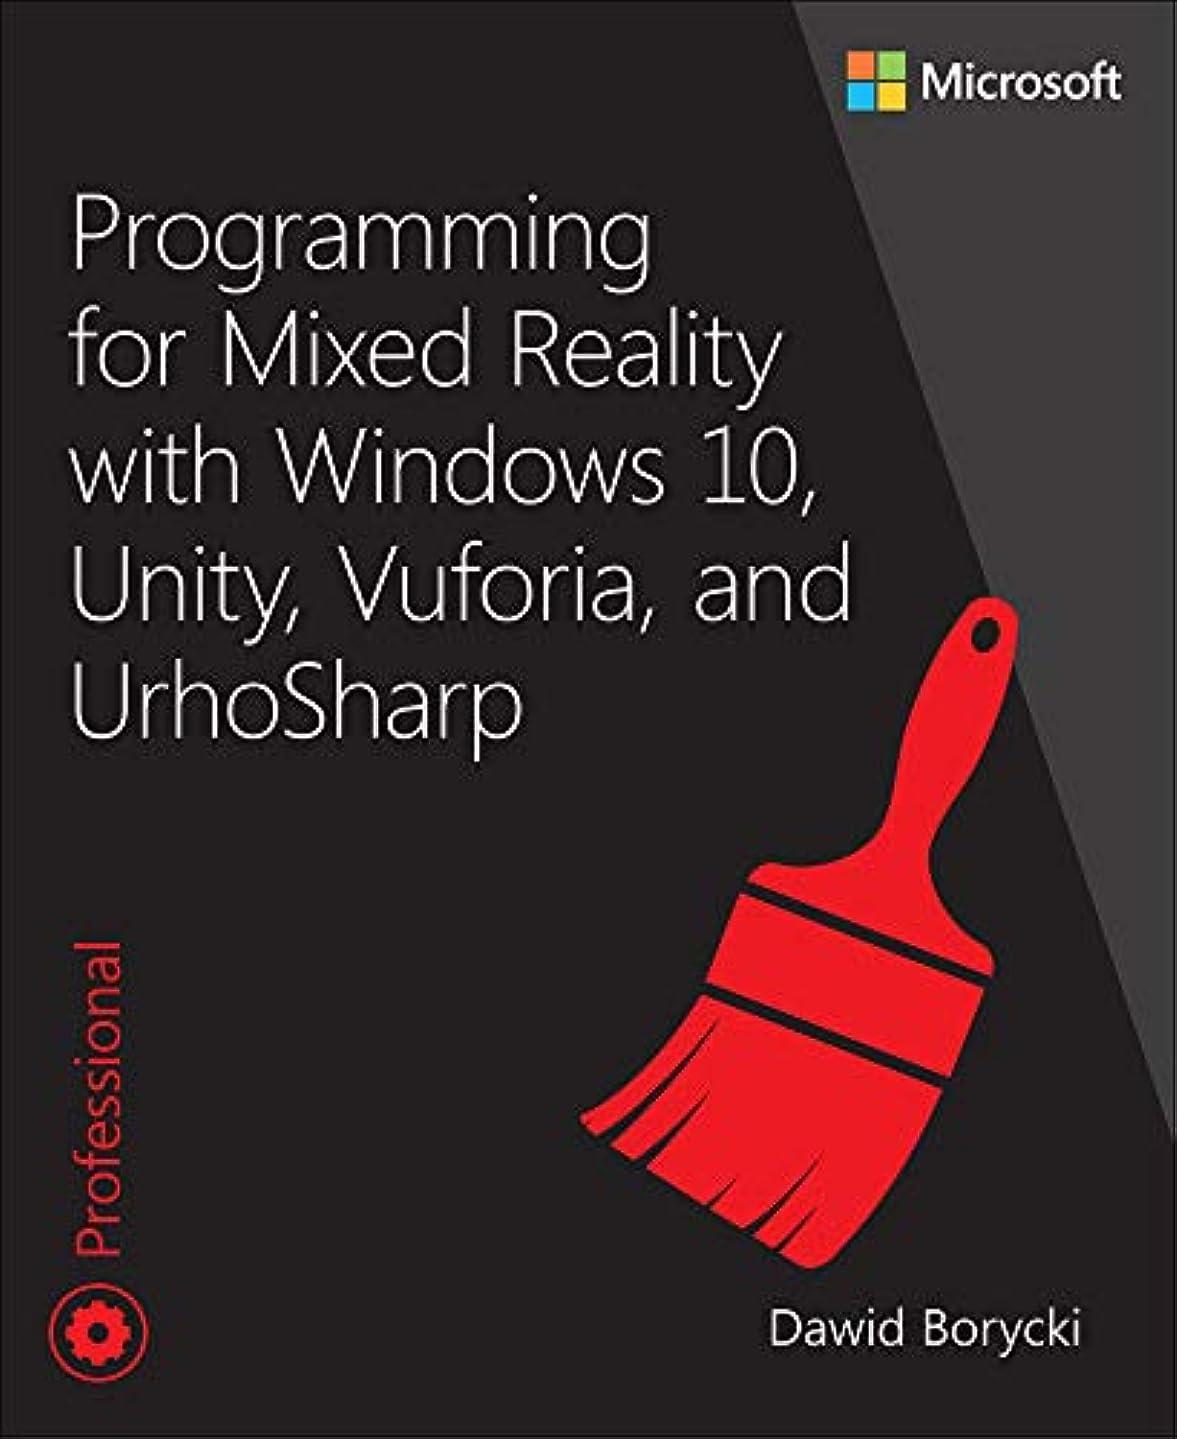 閉塞豊富に左Programming for Mixed Reality with Windows 10, Unity, Vuforia, and UrhoSharp (Developer Reference) (English Edition)